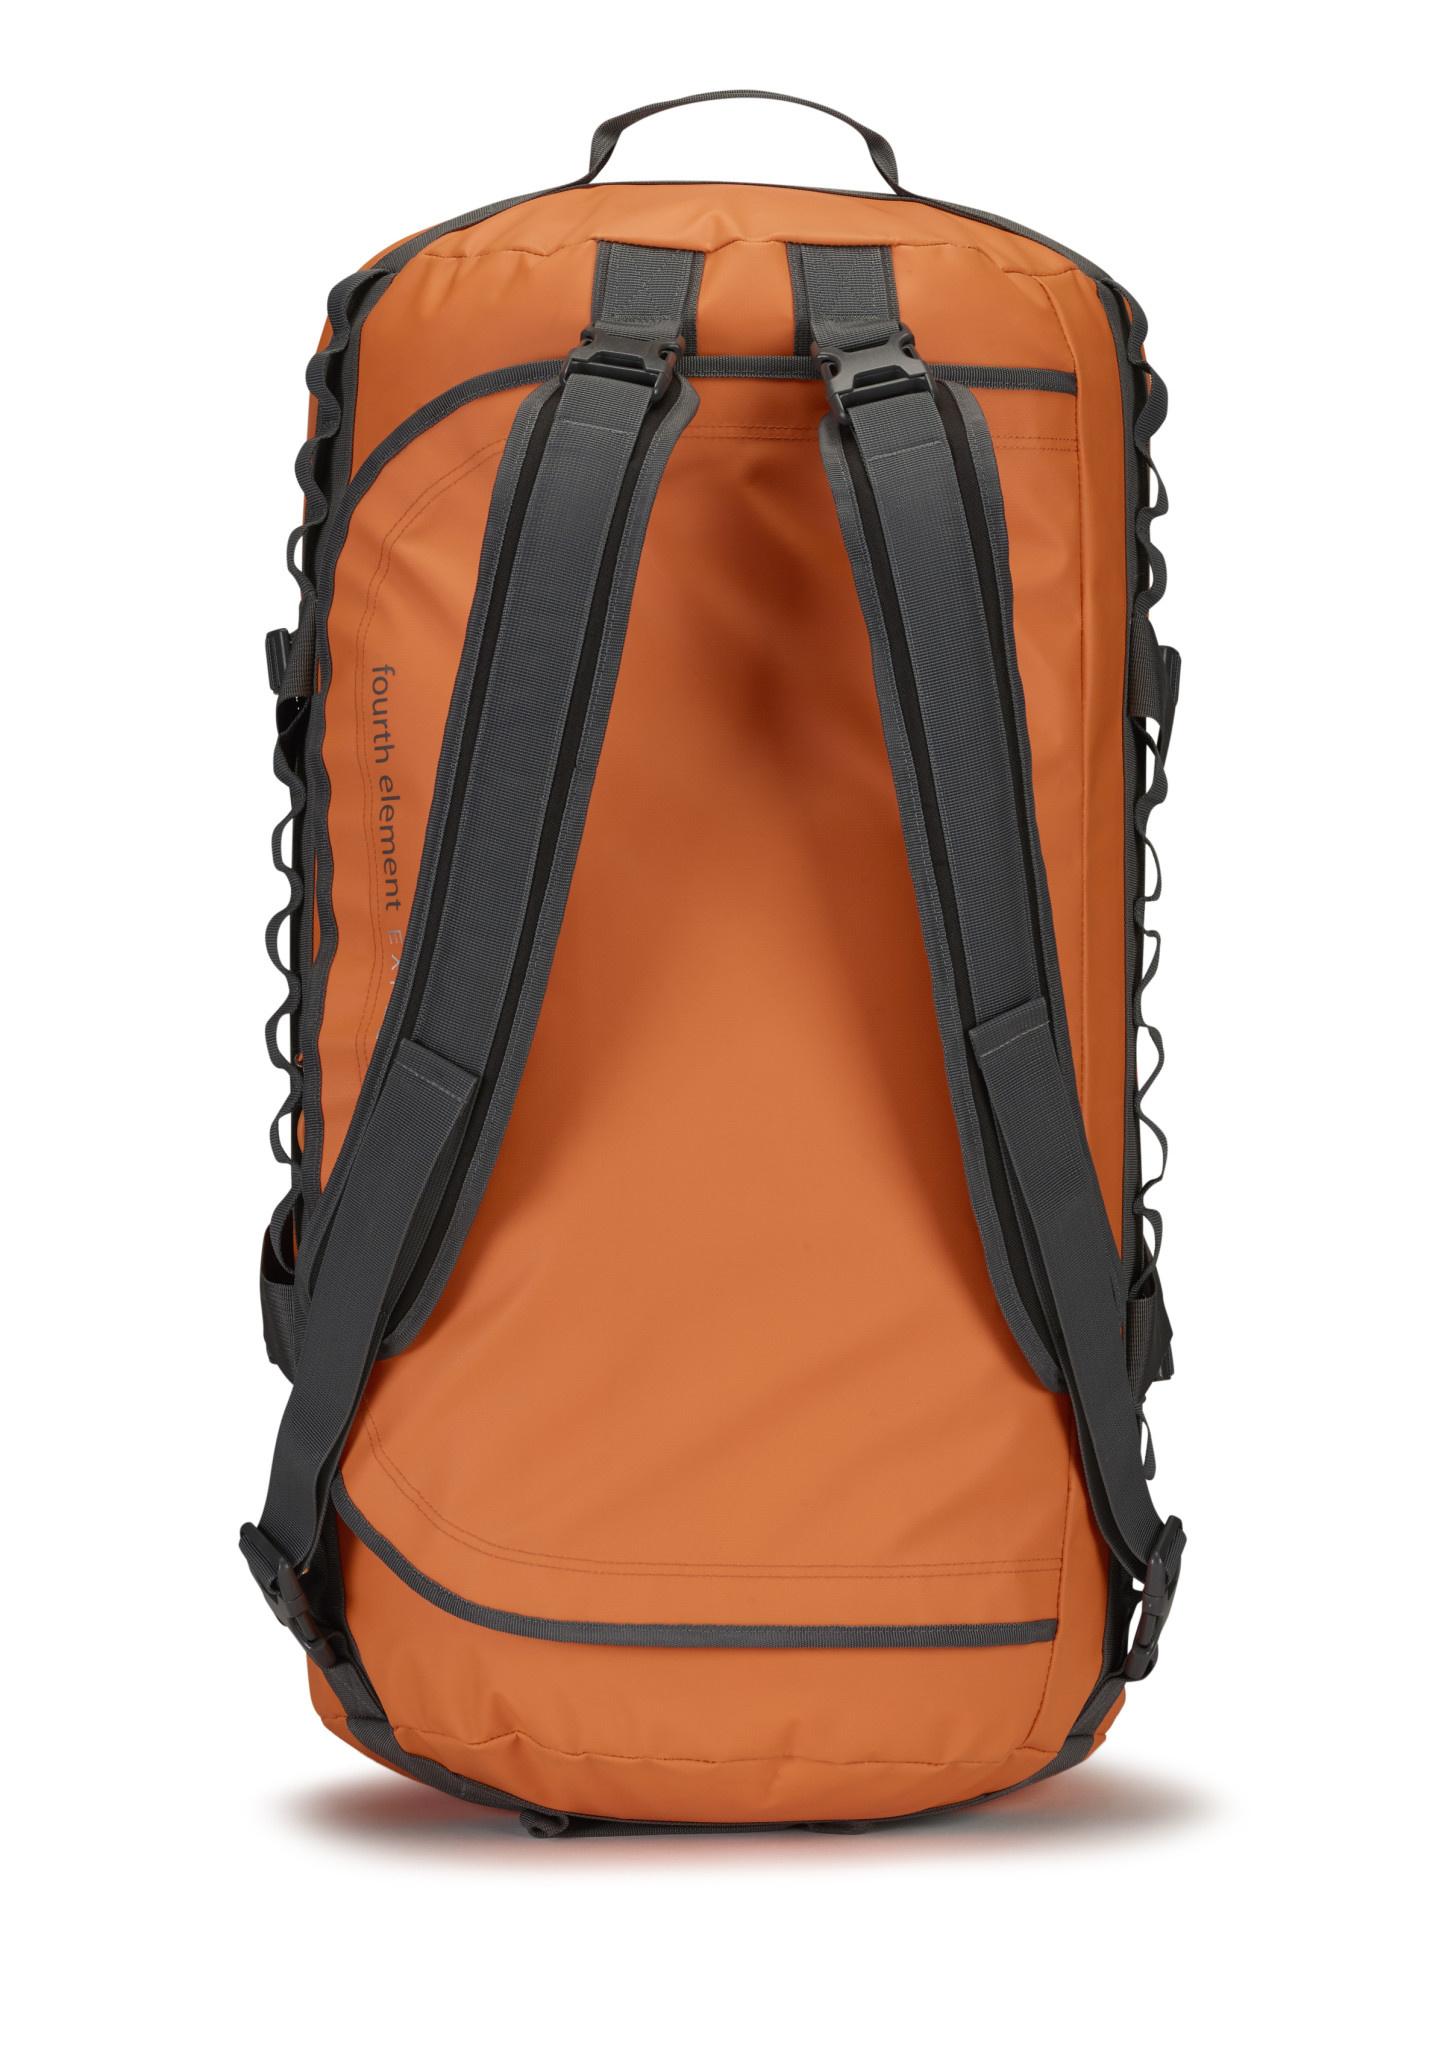 Expediton Duffelbag Orange-4